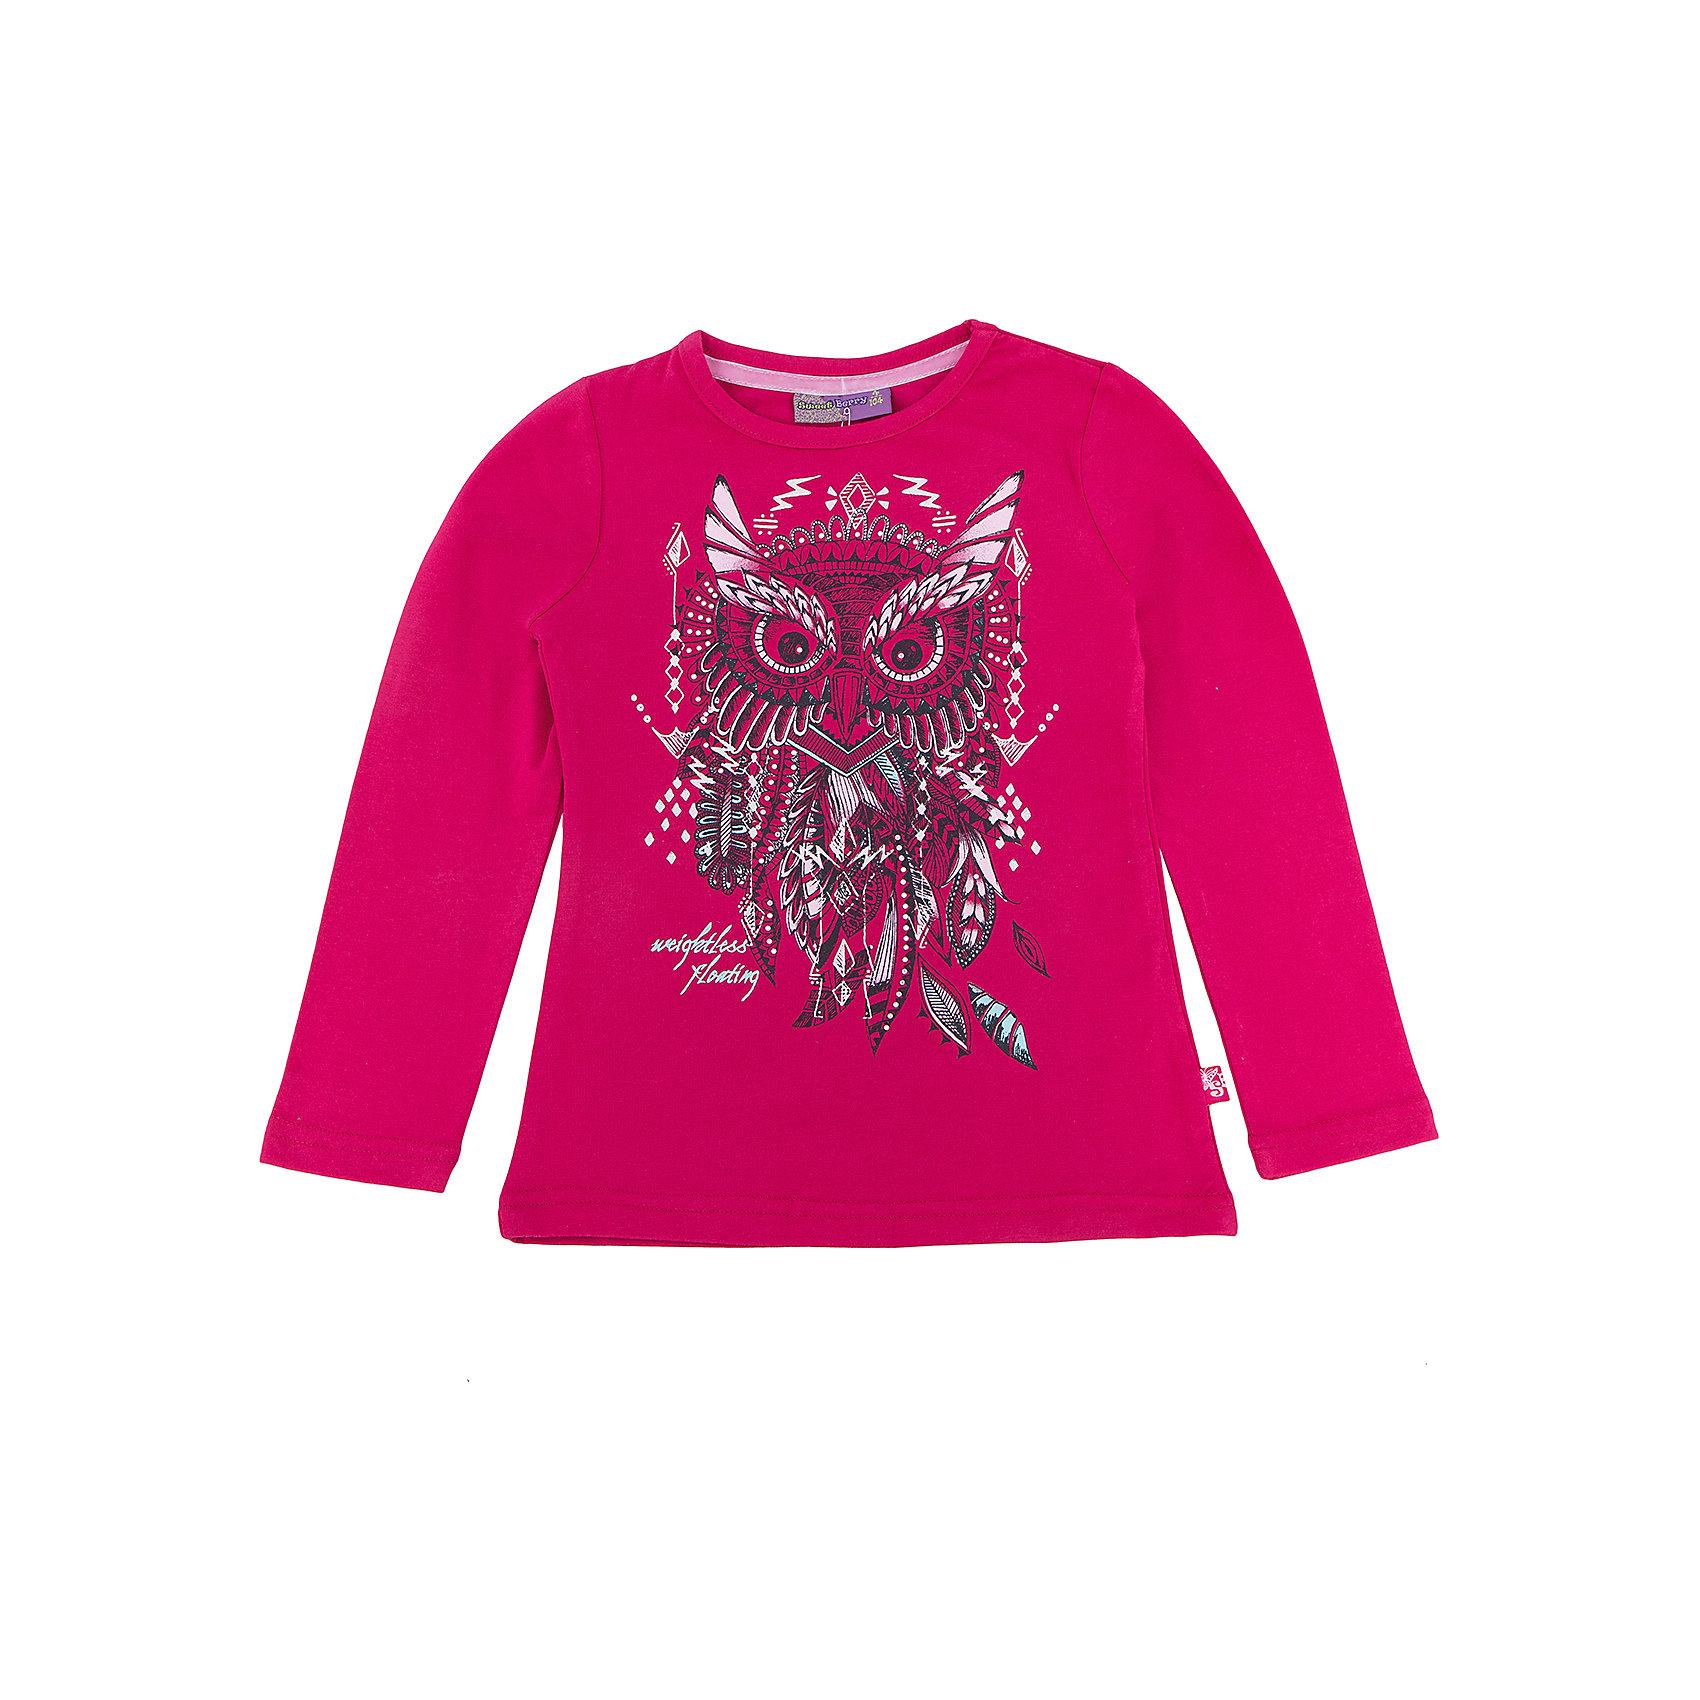 Футболка с длинным рукавом для девочки Sweet BerryФутболки с длинным рукавом<br>Такая футболка с длинным рукавом для девочки отличается модным дизайном с ярким принтом. Удачный крой обеспечит ребенку комфорт и тепло. Вещь плотно прилегает к телу там, где нужно, и отлично сидит по фигуре.<br>Одежда от бренда Sweet Berry - это простой и выгодный способ одеть ребенка удобно и стильно. Всё изделия тщательно проработаны: швы - прочные, материал - качественный, фурнитура - подобранная специально для детей. <br><br>Дополнительная информация:<br><br>цвет: розовый;<br>материал: 95% хлопок, 5% эластан;<br>декорирована принтом.<br><br>Футболку с длинным рукавом для девочки от бренда Sweet Berry можно купить в нашем интернет-магазине.<br><br>Ширина мм: 230<br>Глубина мм: 40<br>Высота мм: 220<br>Вес г: 250<br>Цвет: розовый<br>Возраст от месяцев: 24<br>Возраст до месяцев: 36<br>Пол: Женский<br>Возраст: Детский<br>Размер: 98,104,110,116,122,128<br>SKU: 4931616